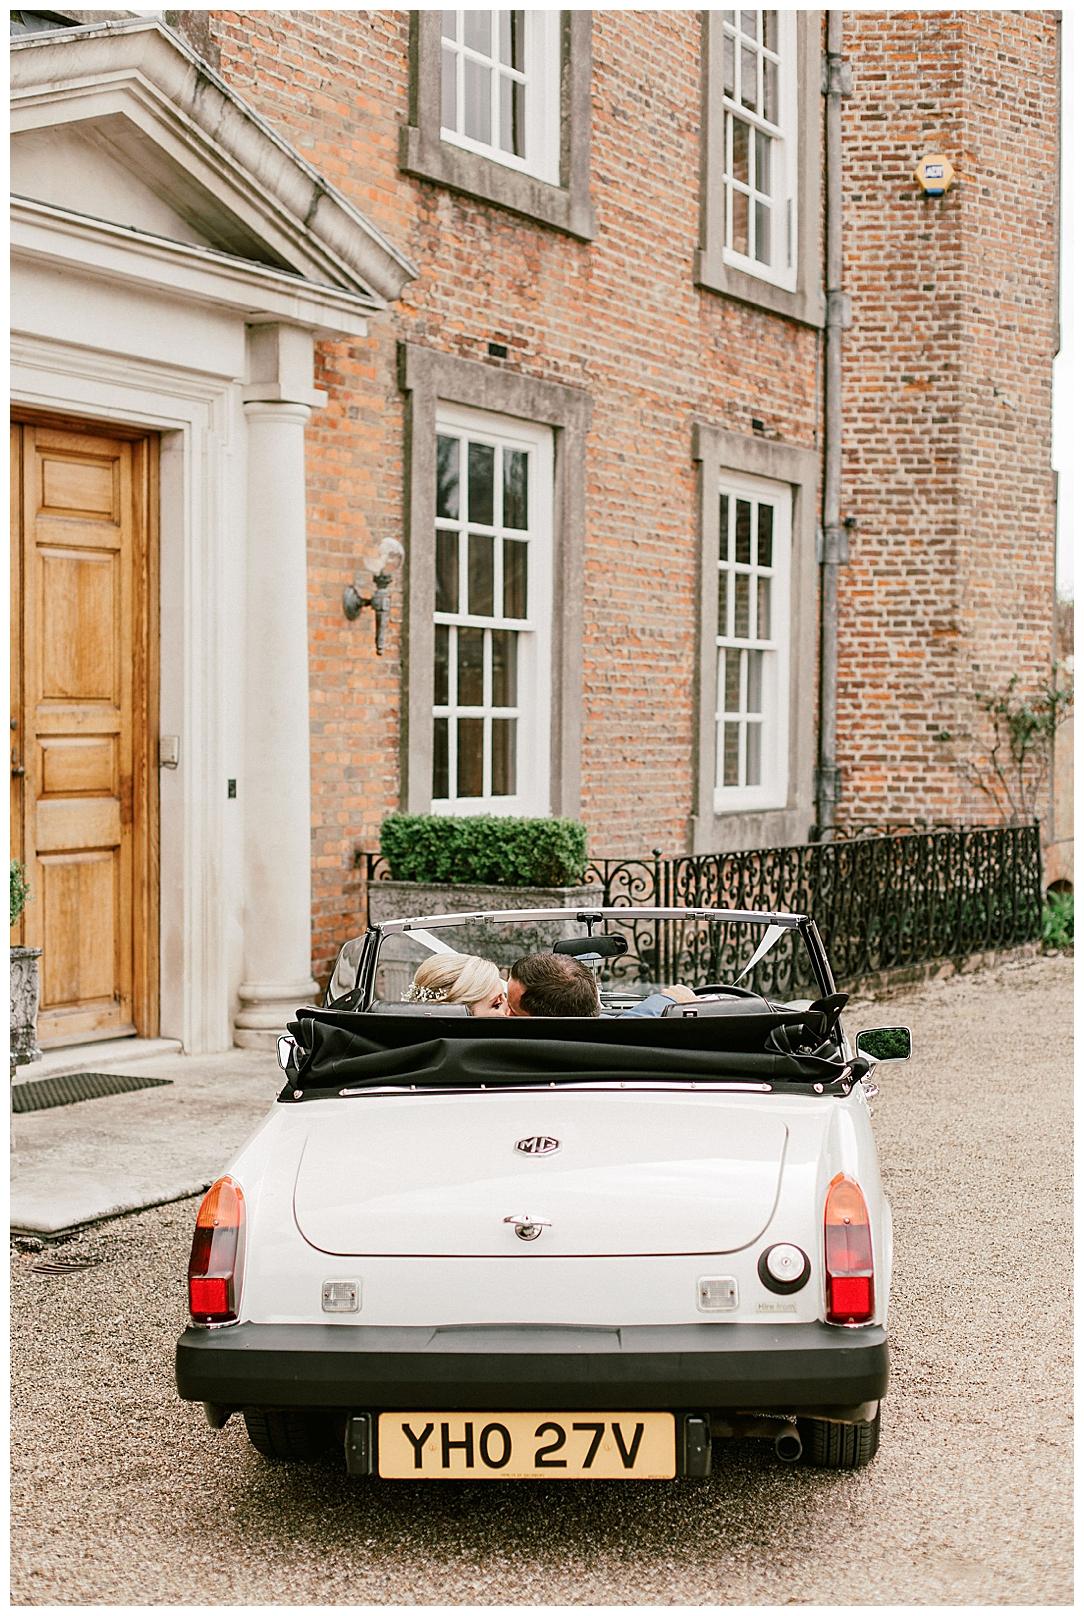 Vintage Car - St Clere Estate - Kent England UK Garden Wedding